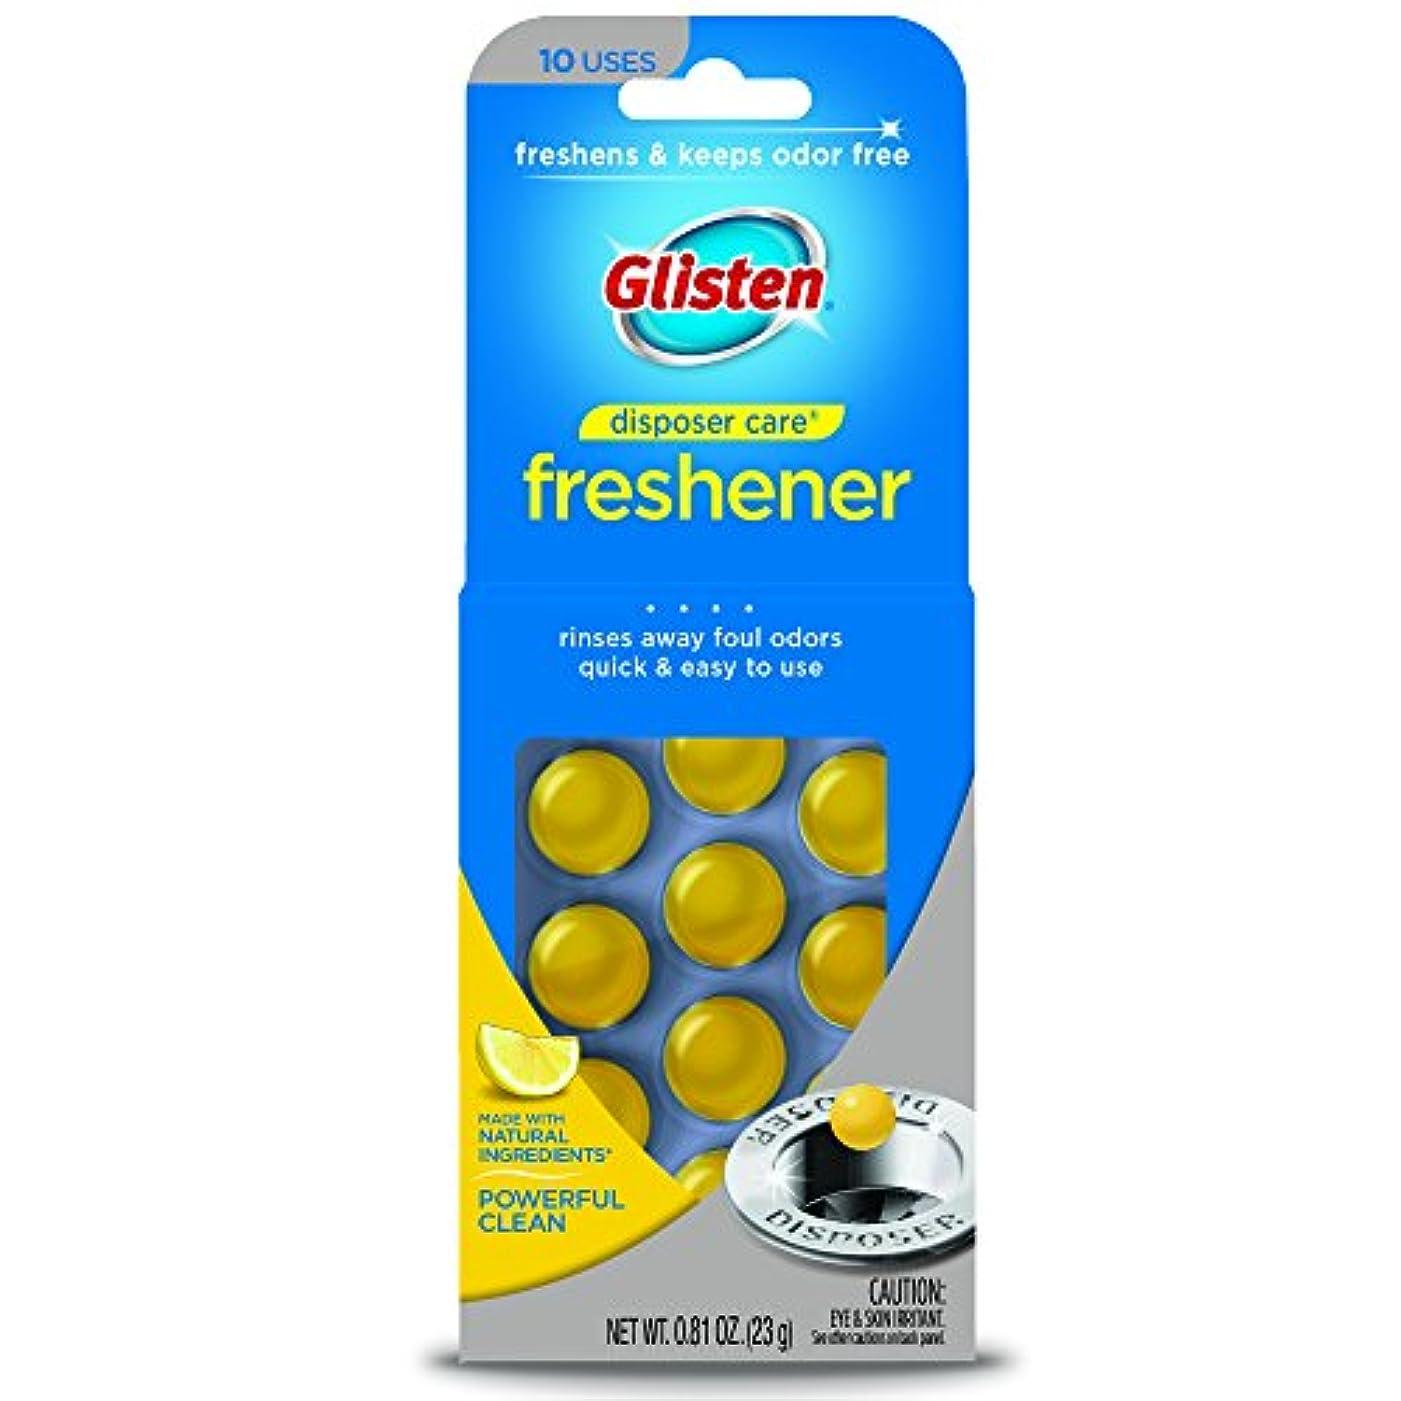 考案するスチュワーデス広範囲に【ディスポーザルケアー】Glisten disposer care  海外直送品